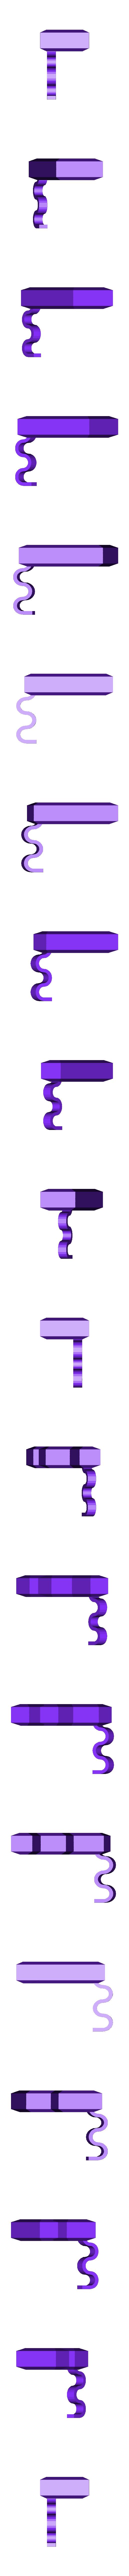 F MASK.stl Download STL file Hanging letter masks • 3D printable model, Vetusta_3D